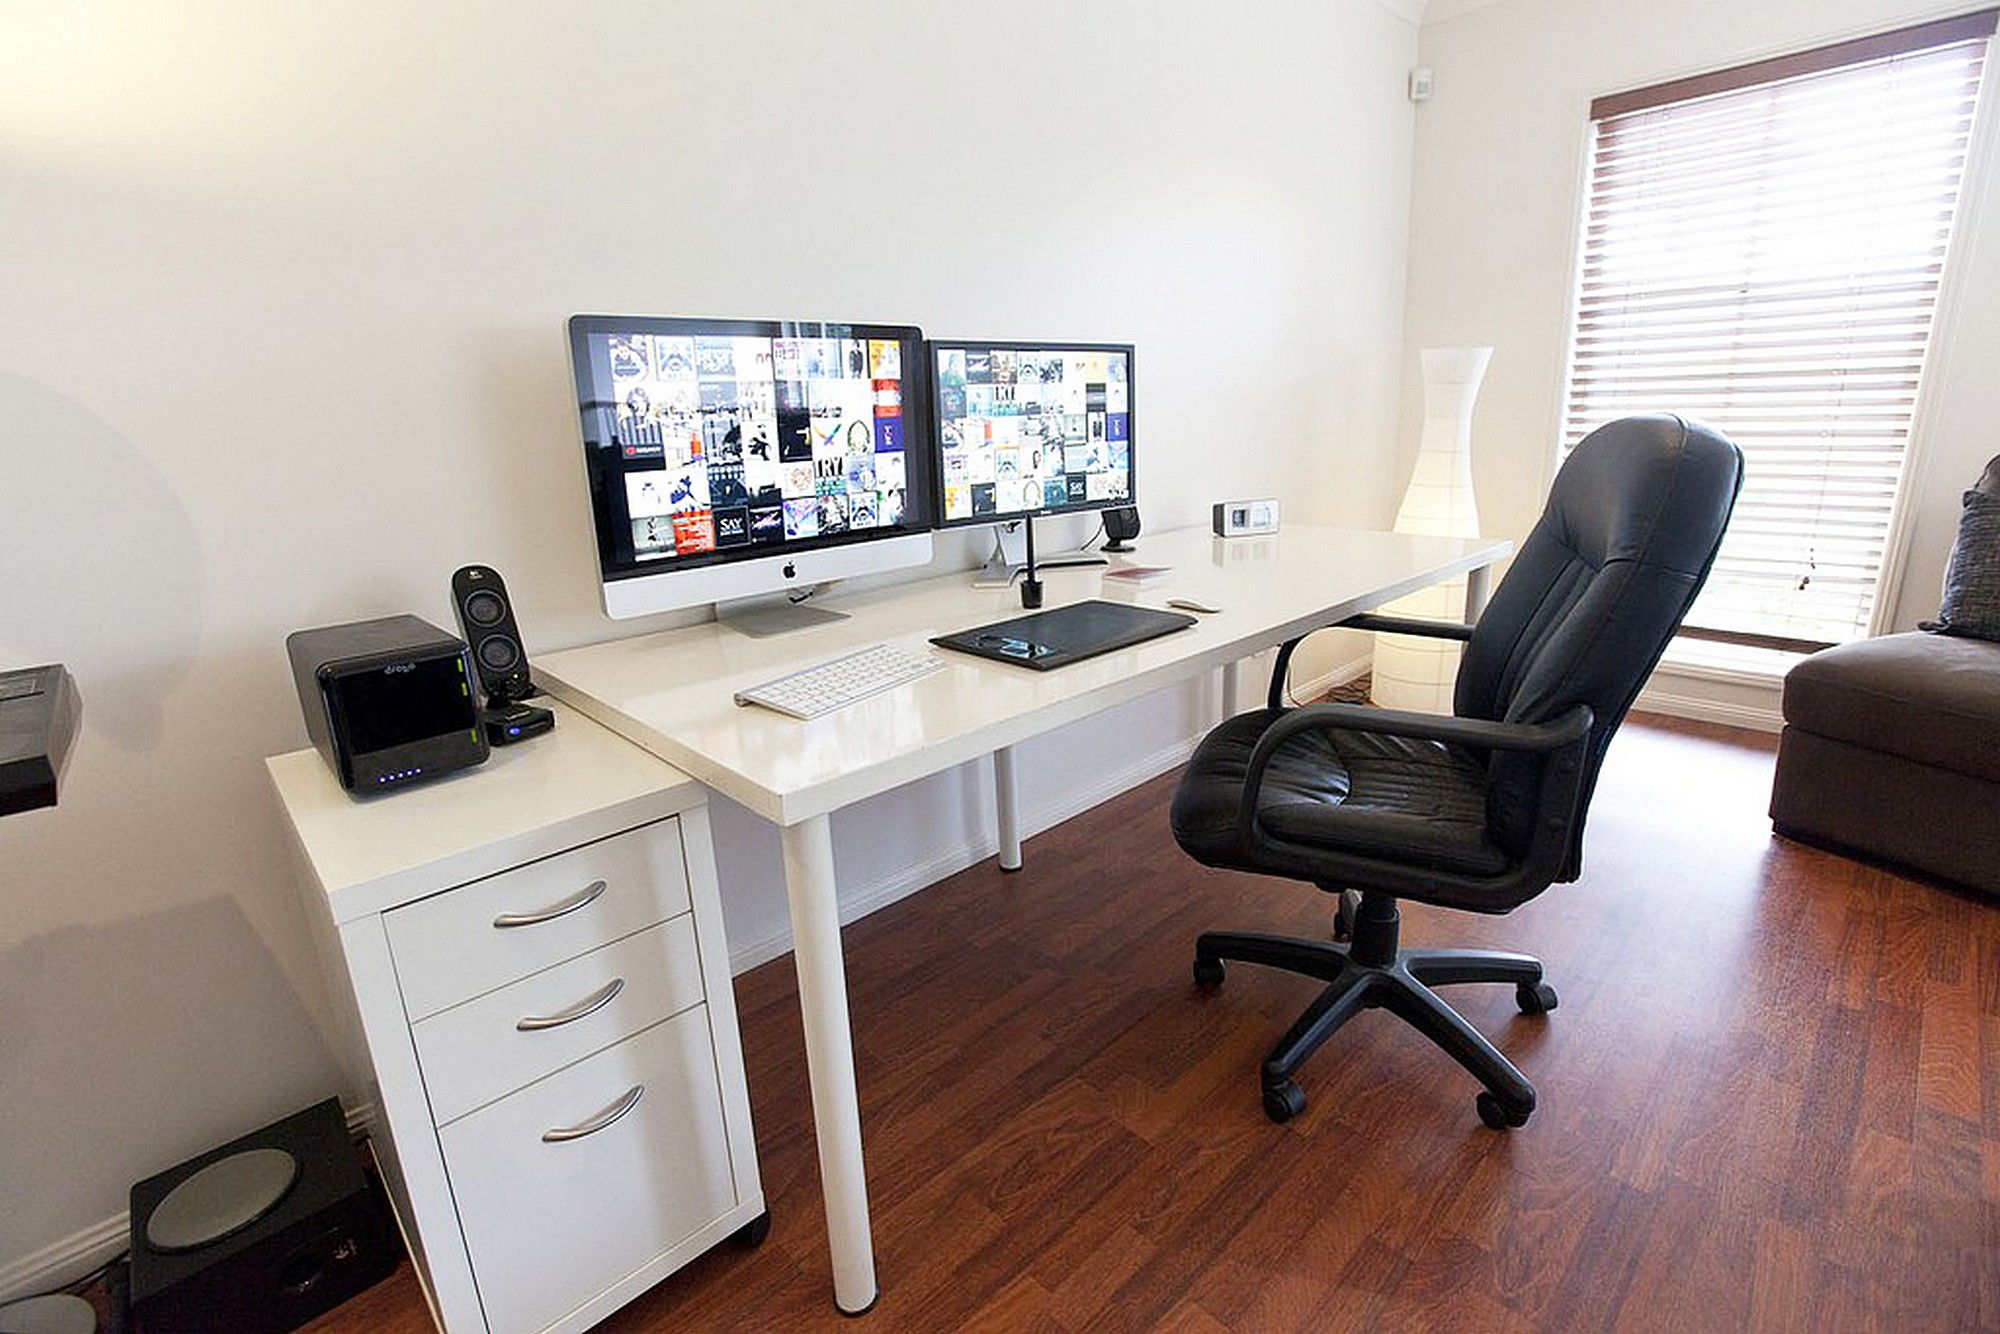 ikea-linnmon-Adils-computer-skrivebord-setup-med-skuffe-til-dual-skærme